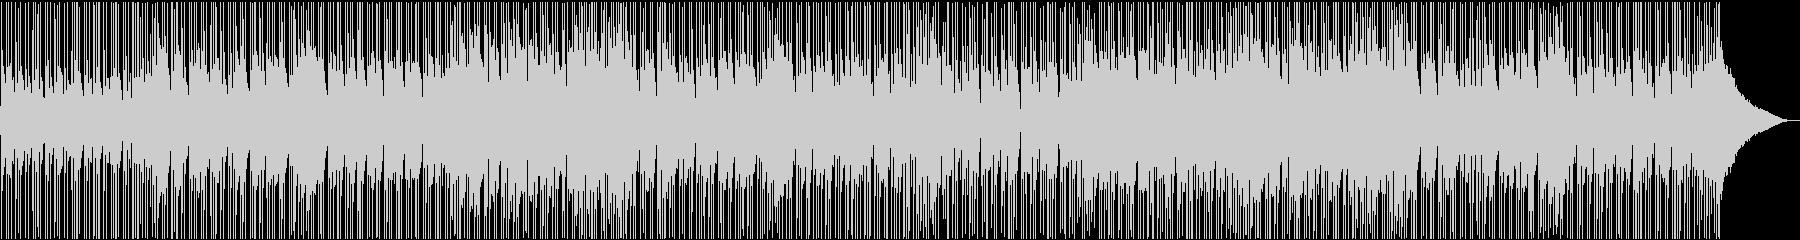 アコギ生演奏のポップで明るい映像用BGMの未再生の波形